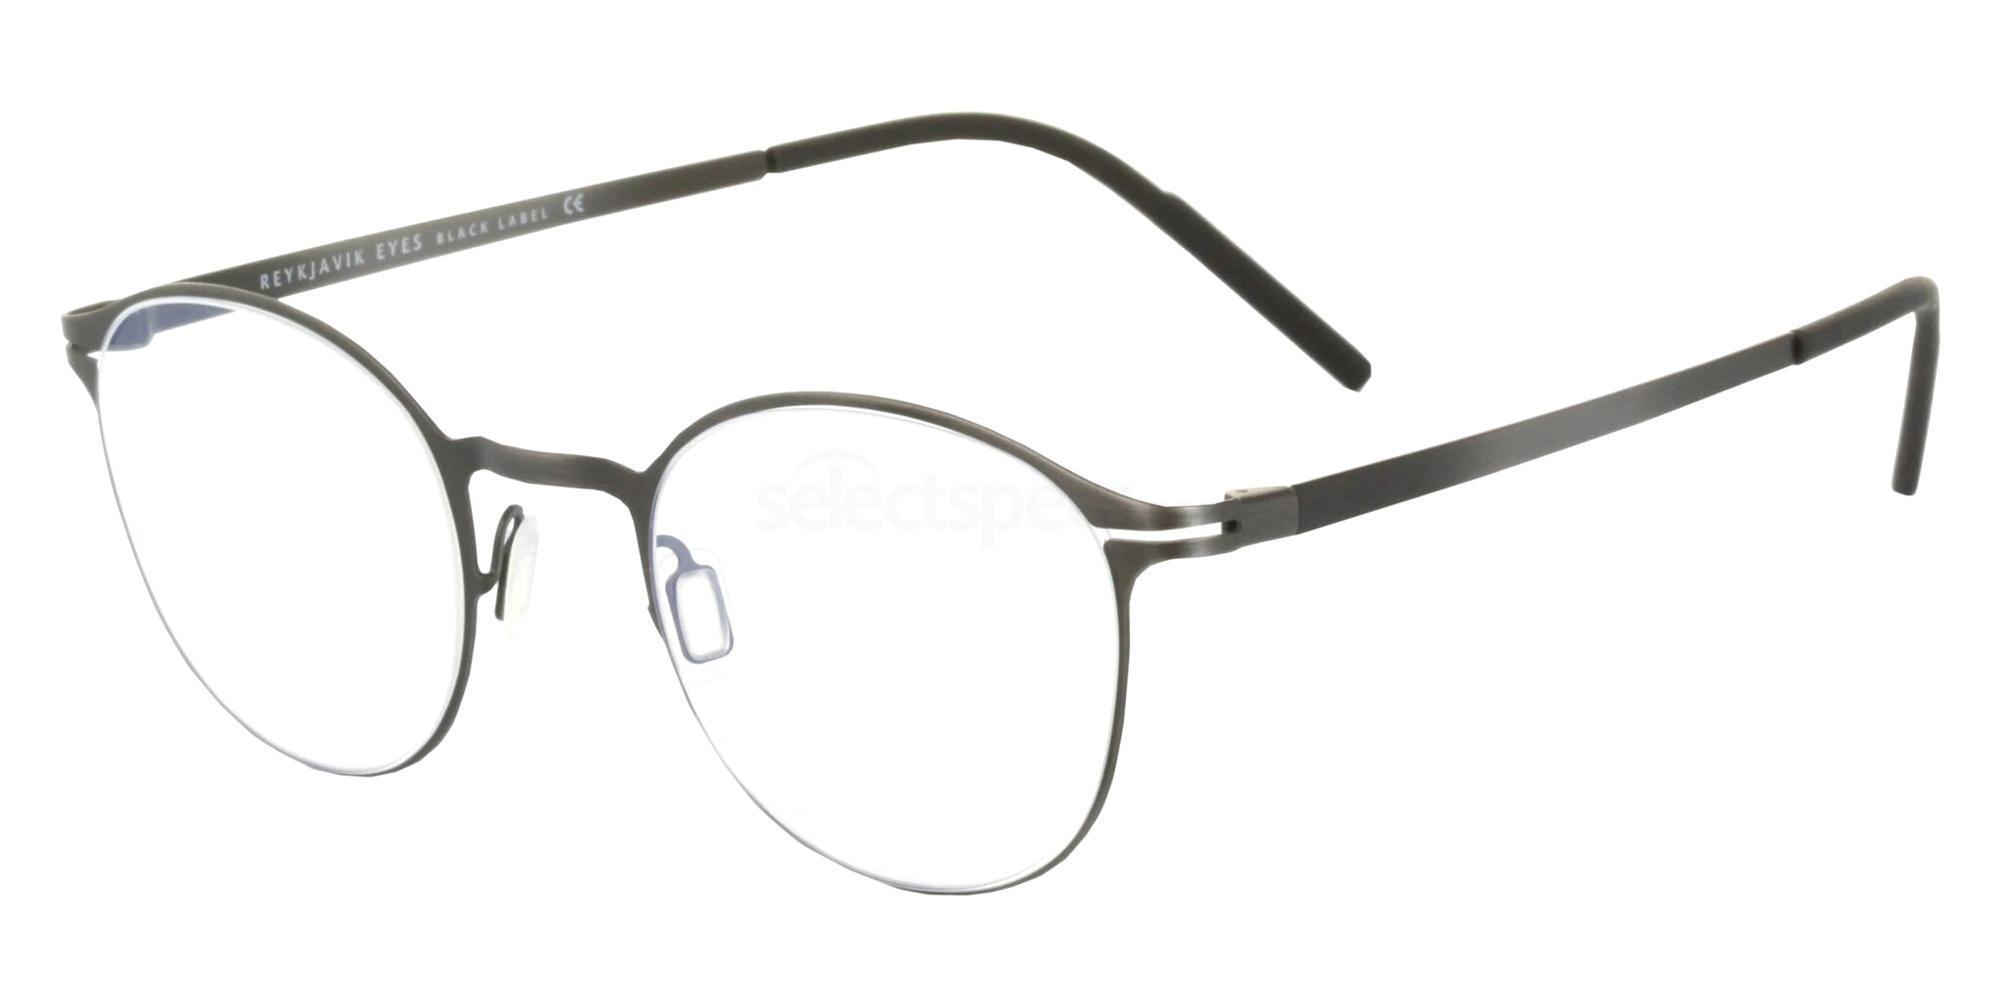 С1 SKADI Glasses, Reykjavik Eyes Black Label